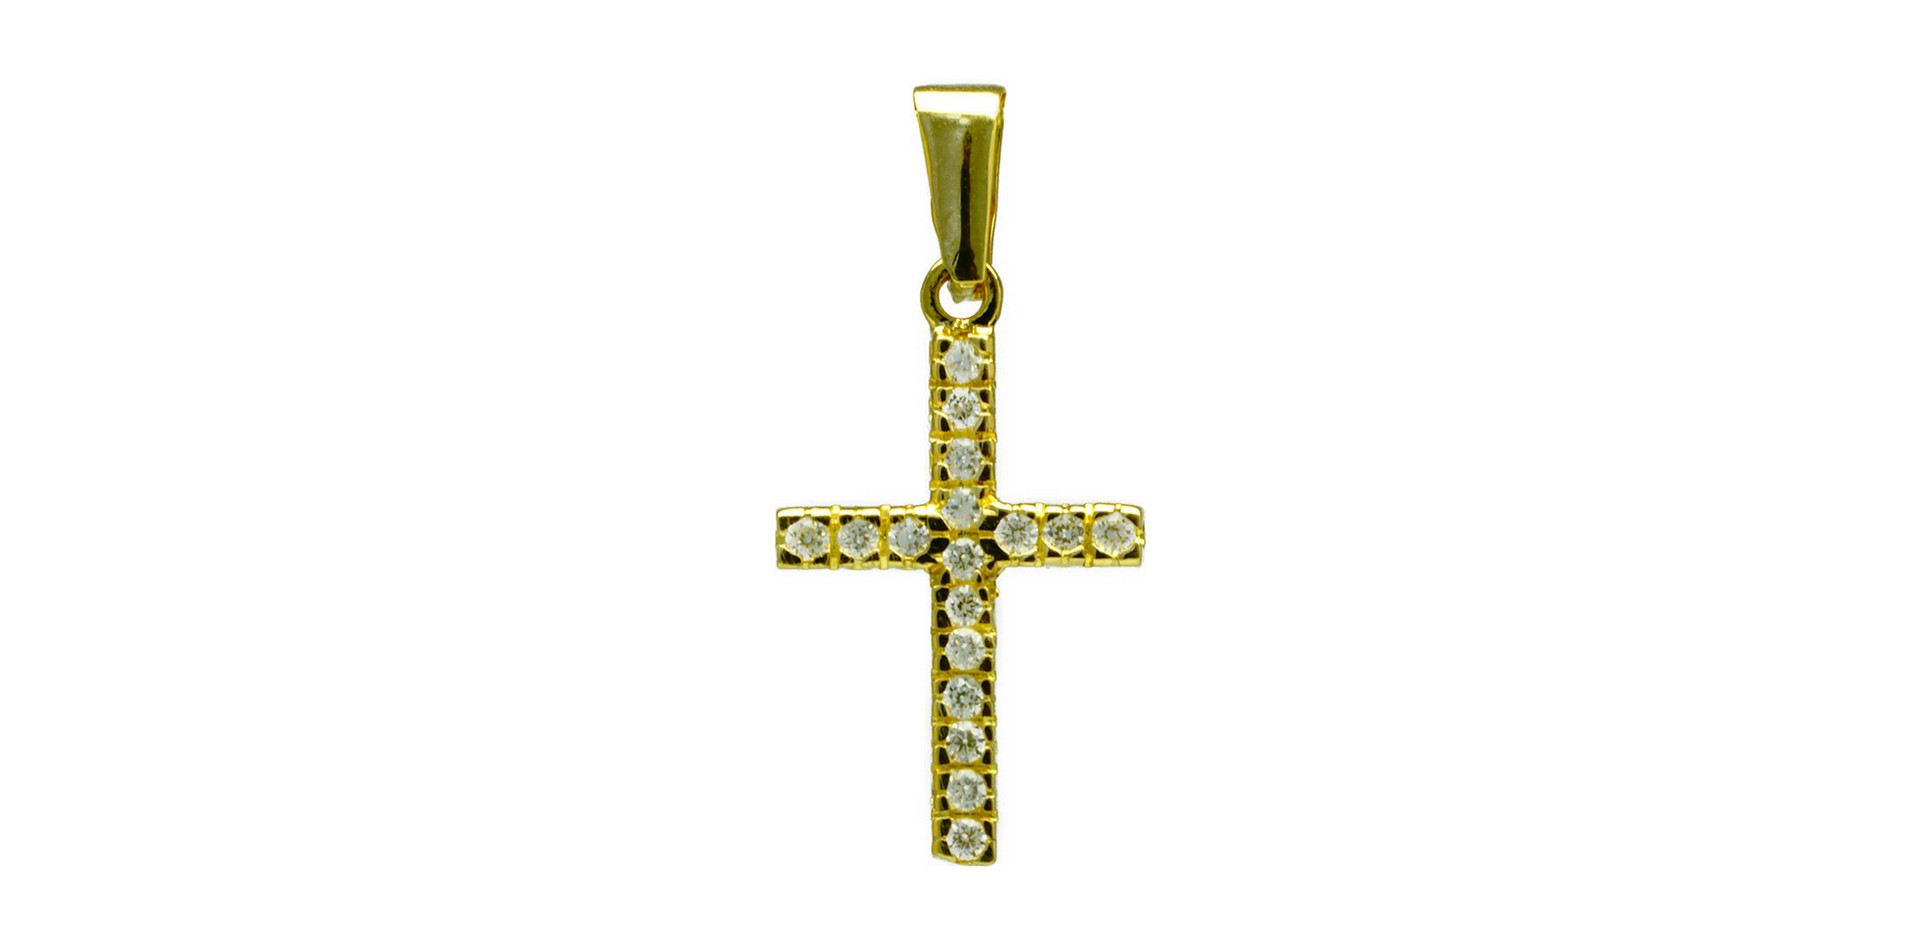 Croix en or jaune 18 kt et zircon - 19 000 xpf